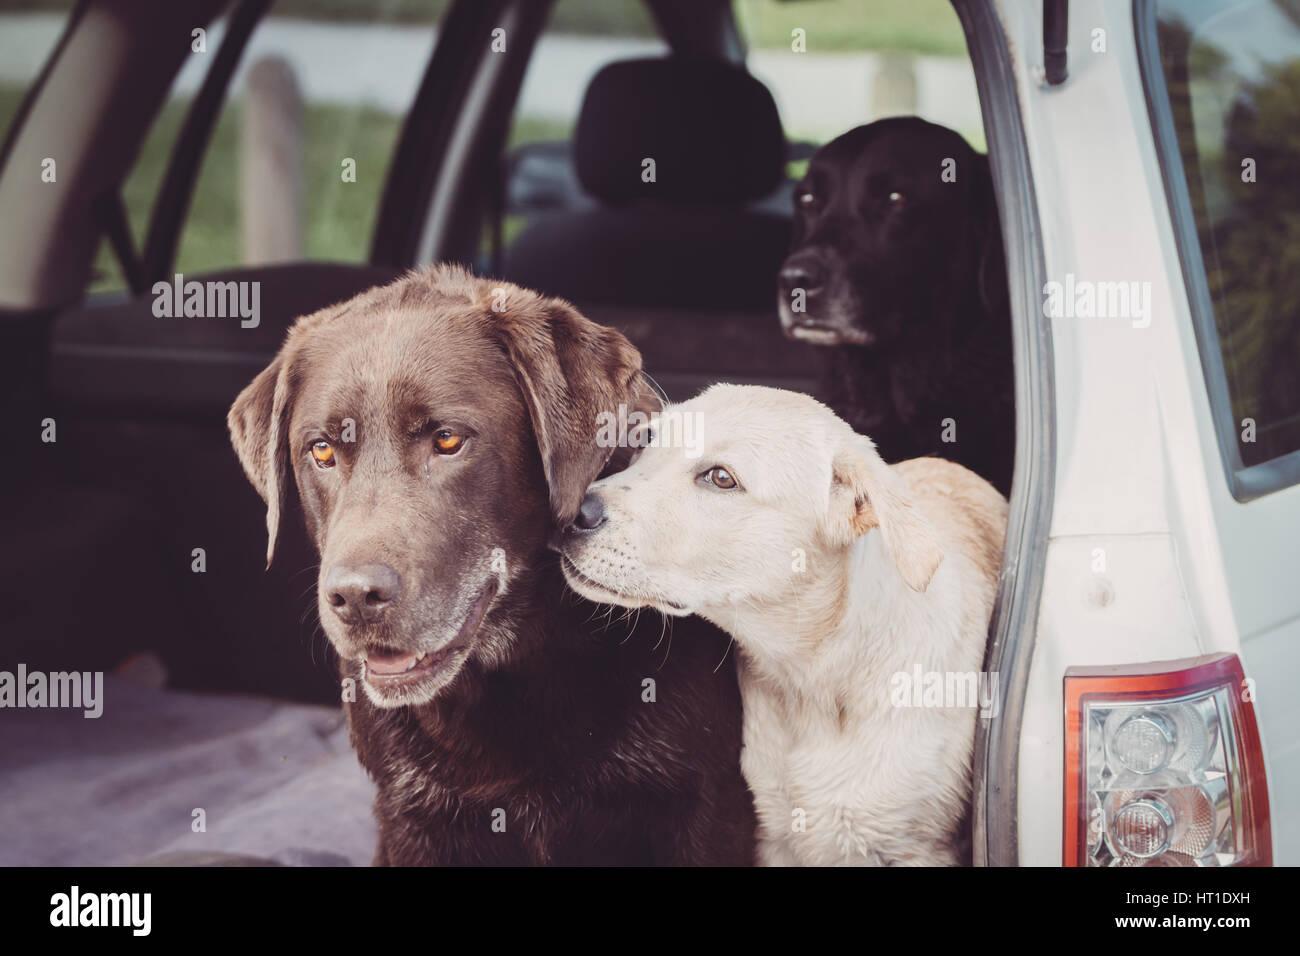 Tres Labrador Retrievers sentarse en la parte de atrás de un coche mientras el perrito blanco muestra afecto Imagen De Stock